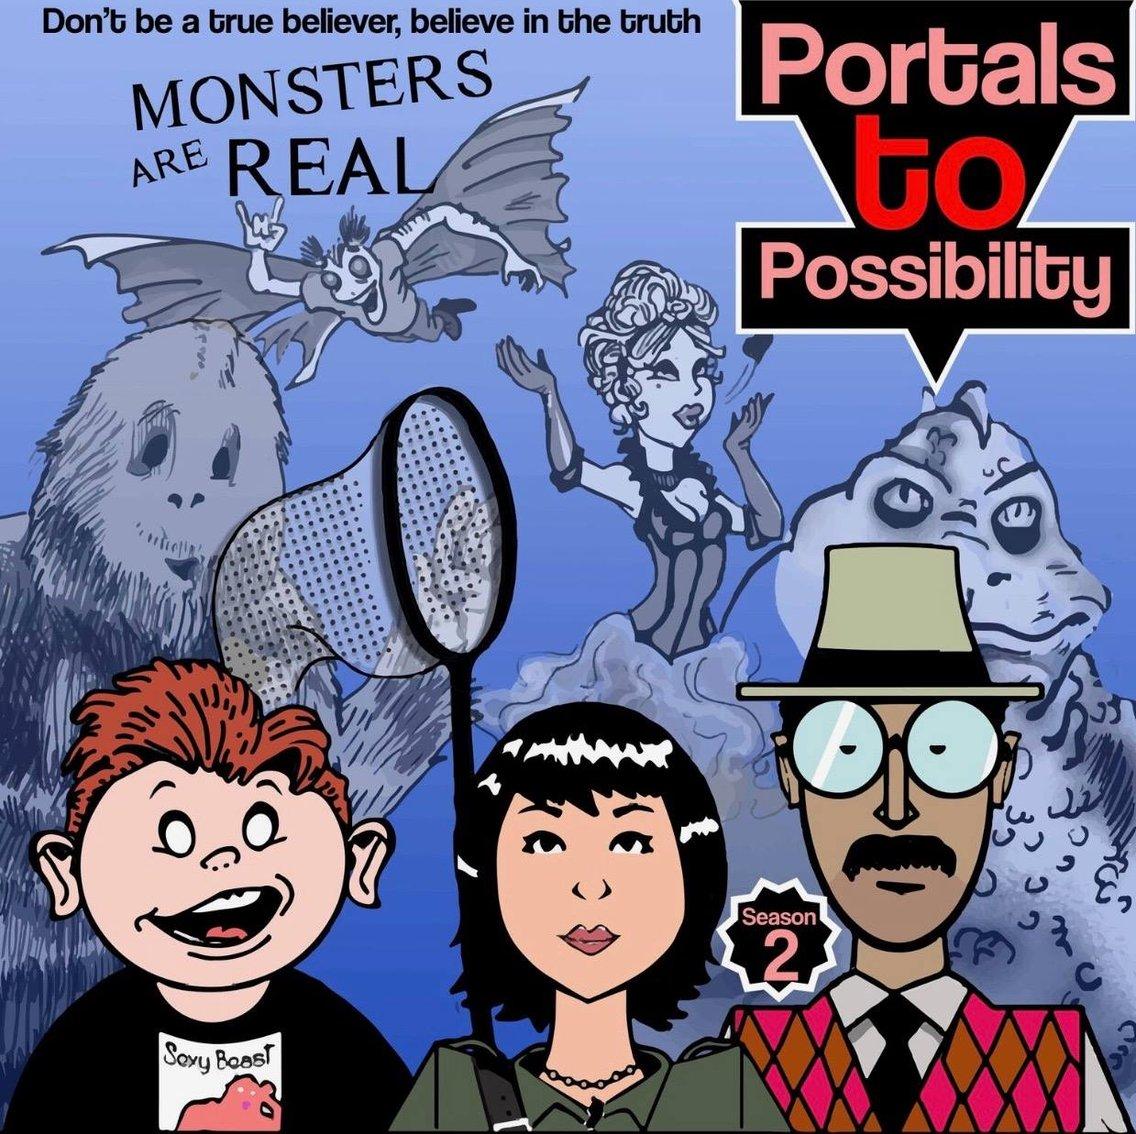 Portals to Possibility - immagine di copertina